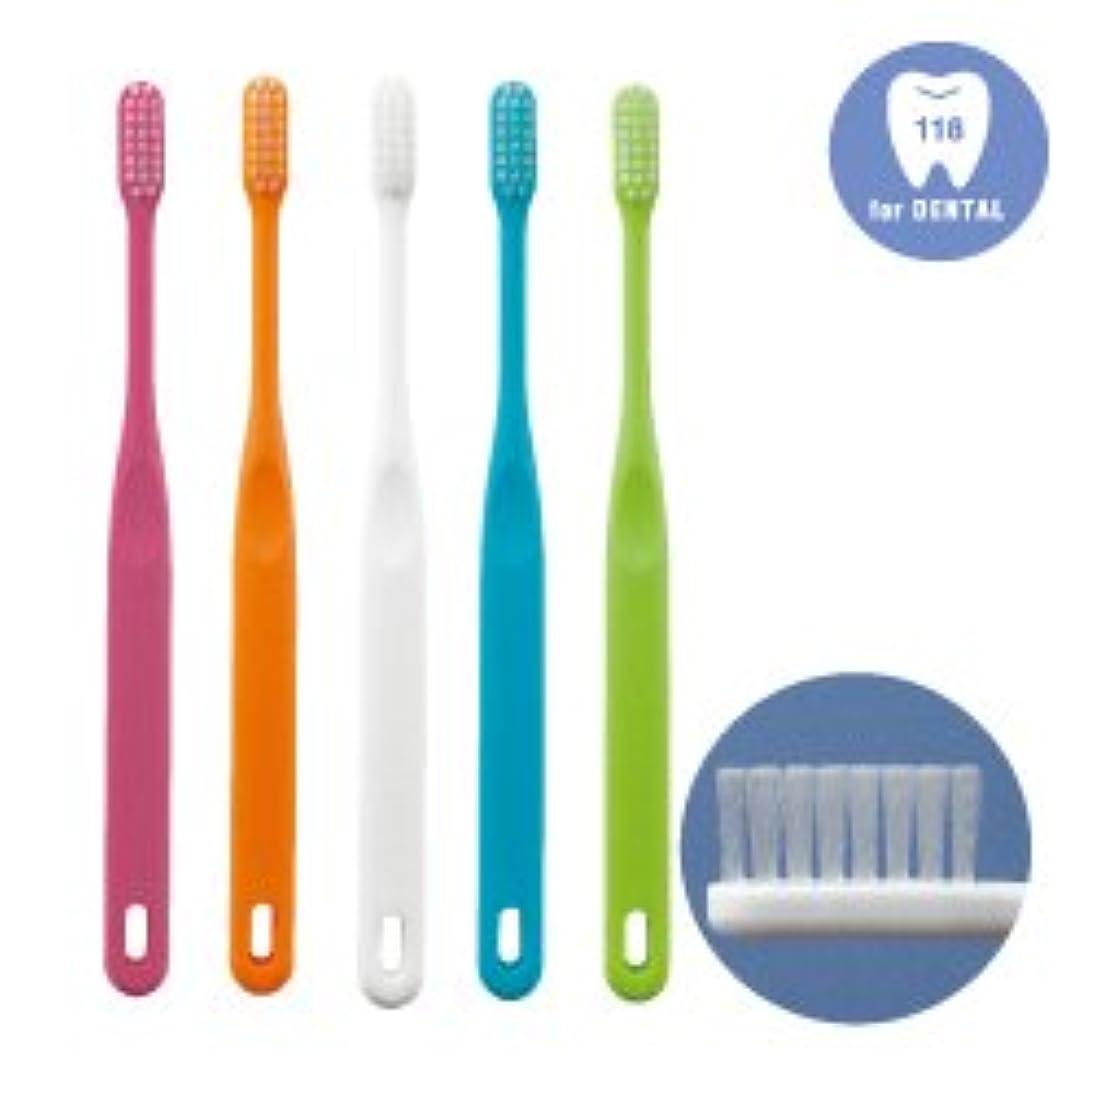 ファウル代替クローゼット歯科専用歯ブラシ「118シリーズ」Advance(アドバンス)M(ふつう)25本